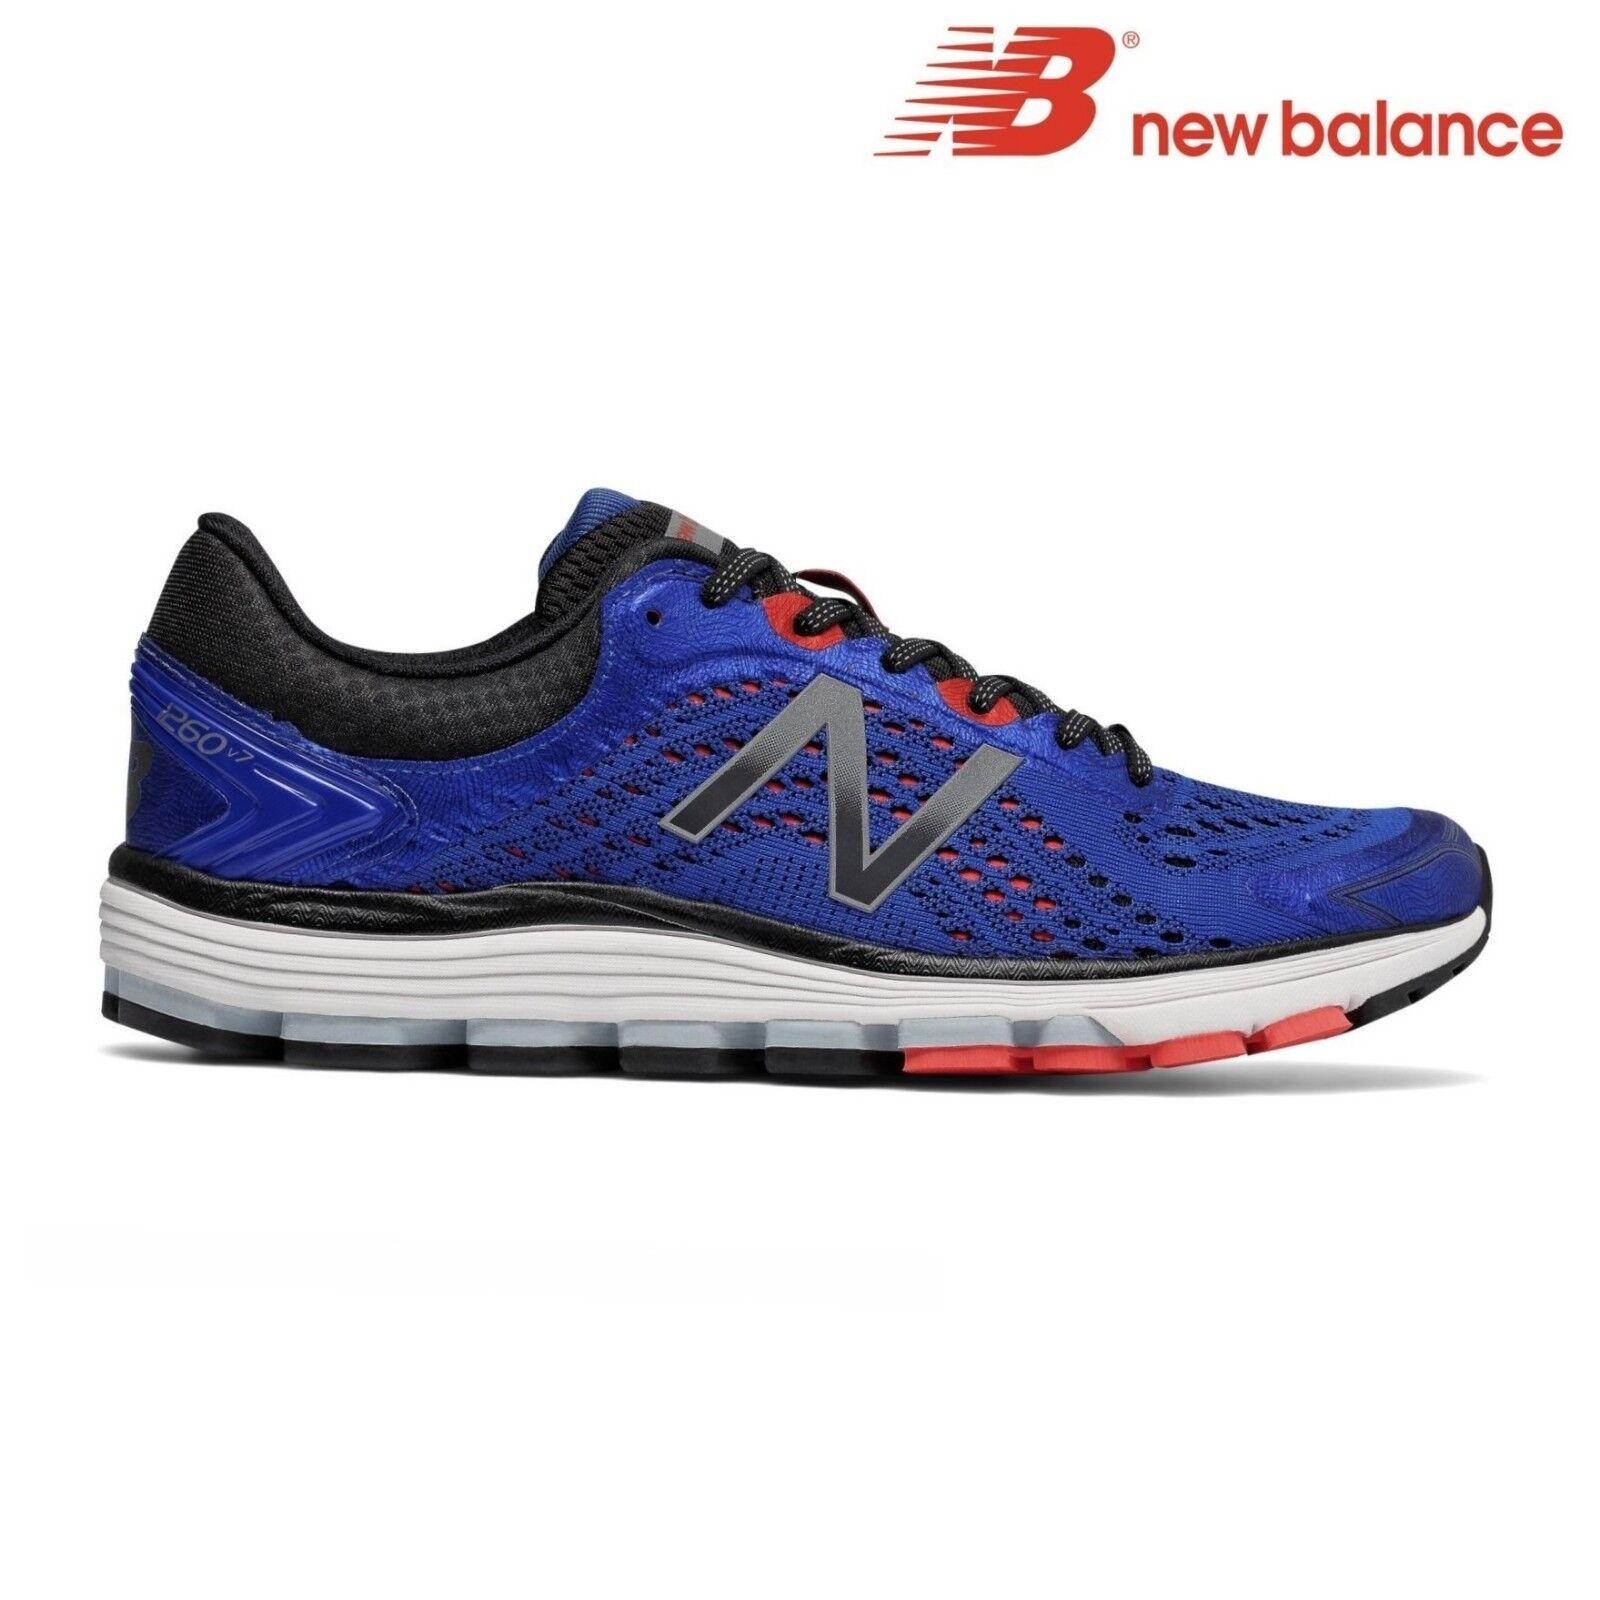 90f0a37e26 New NB fresh foam 1260 V7 scarpe running uomo a4 triathlon M1260BO7 ...